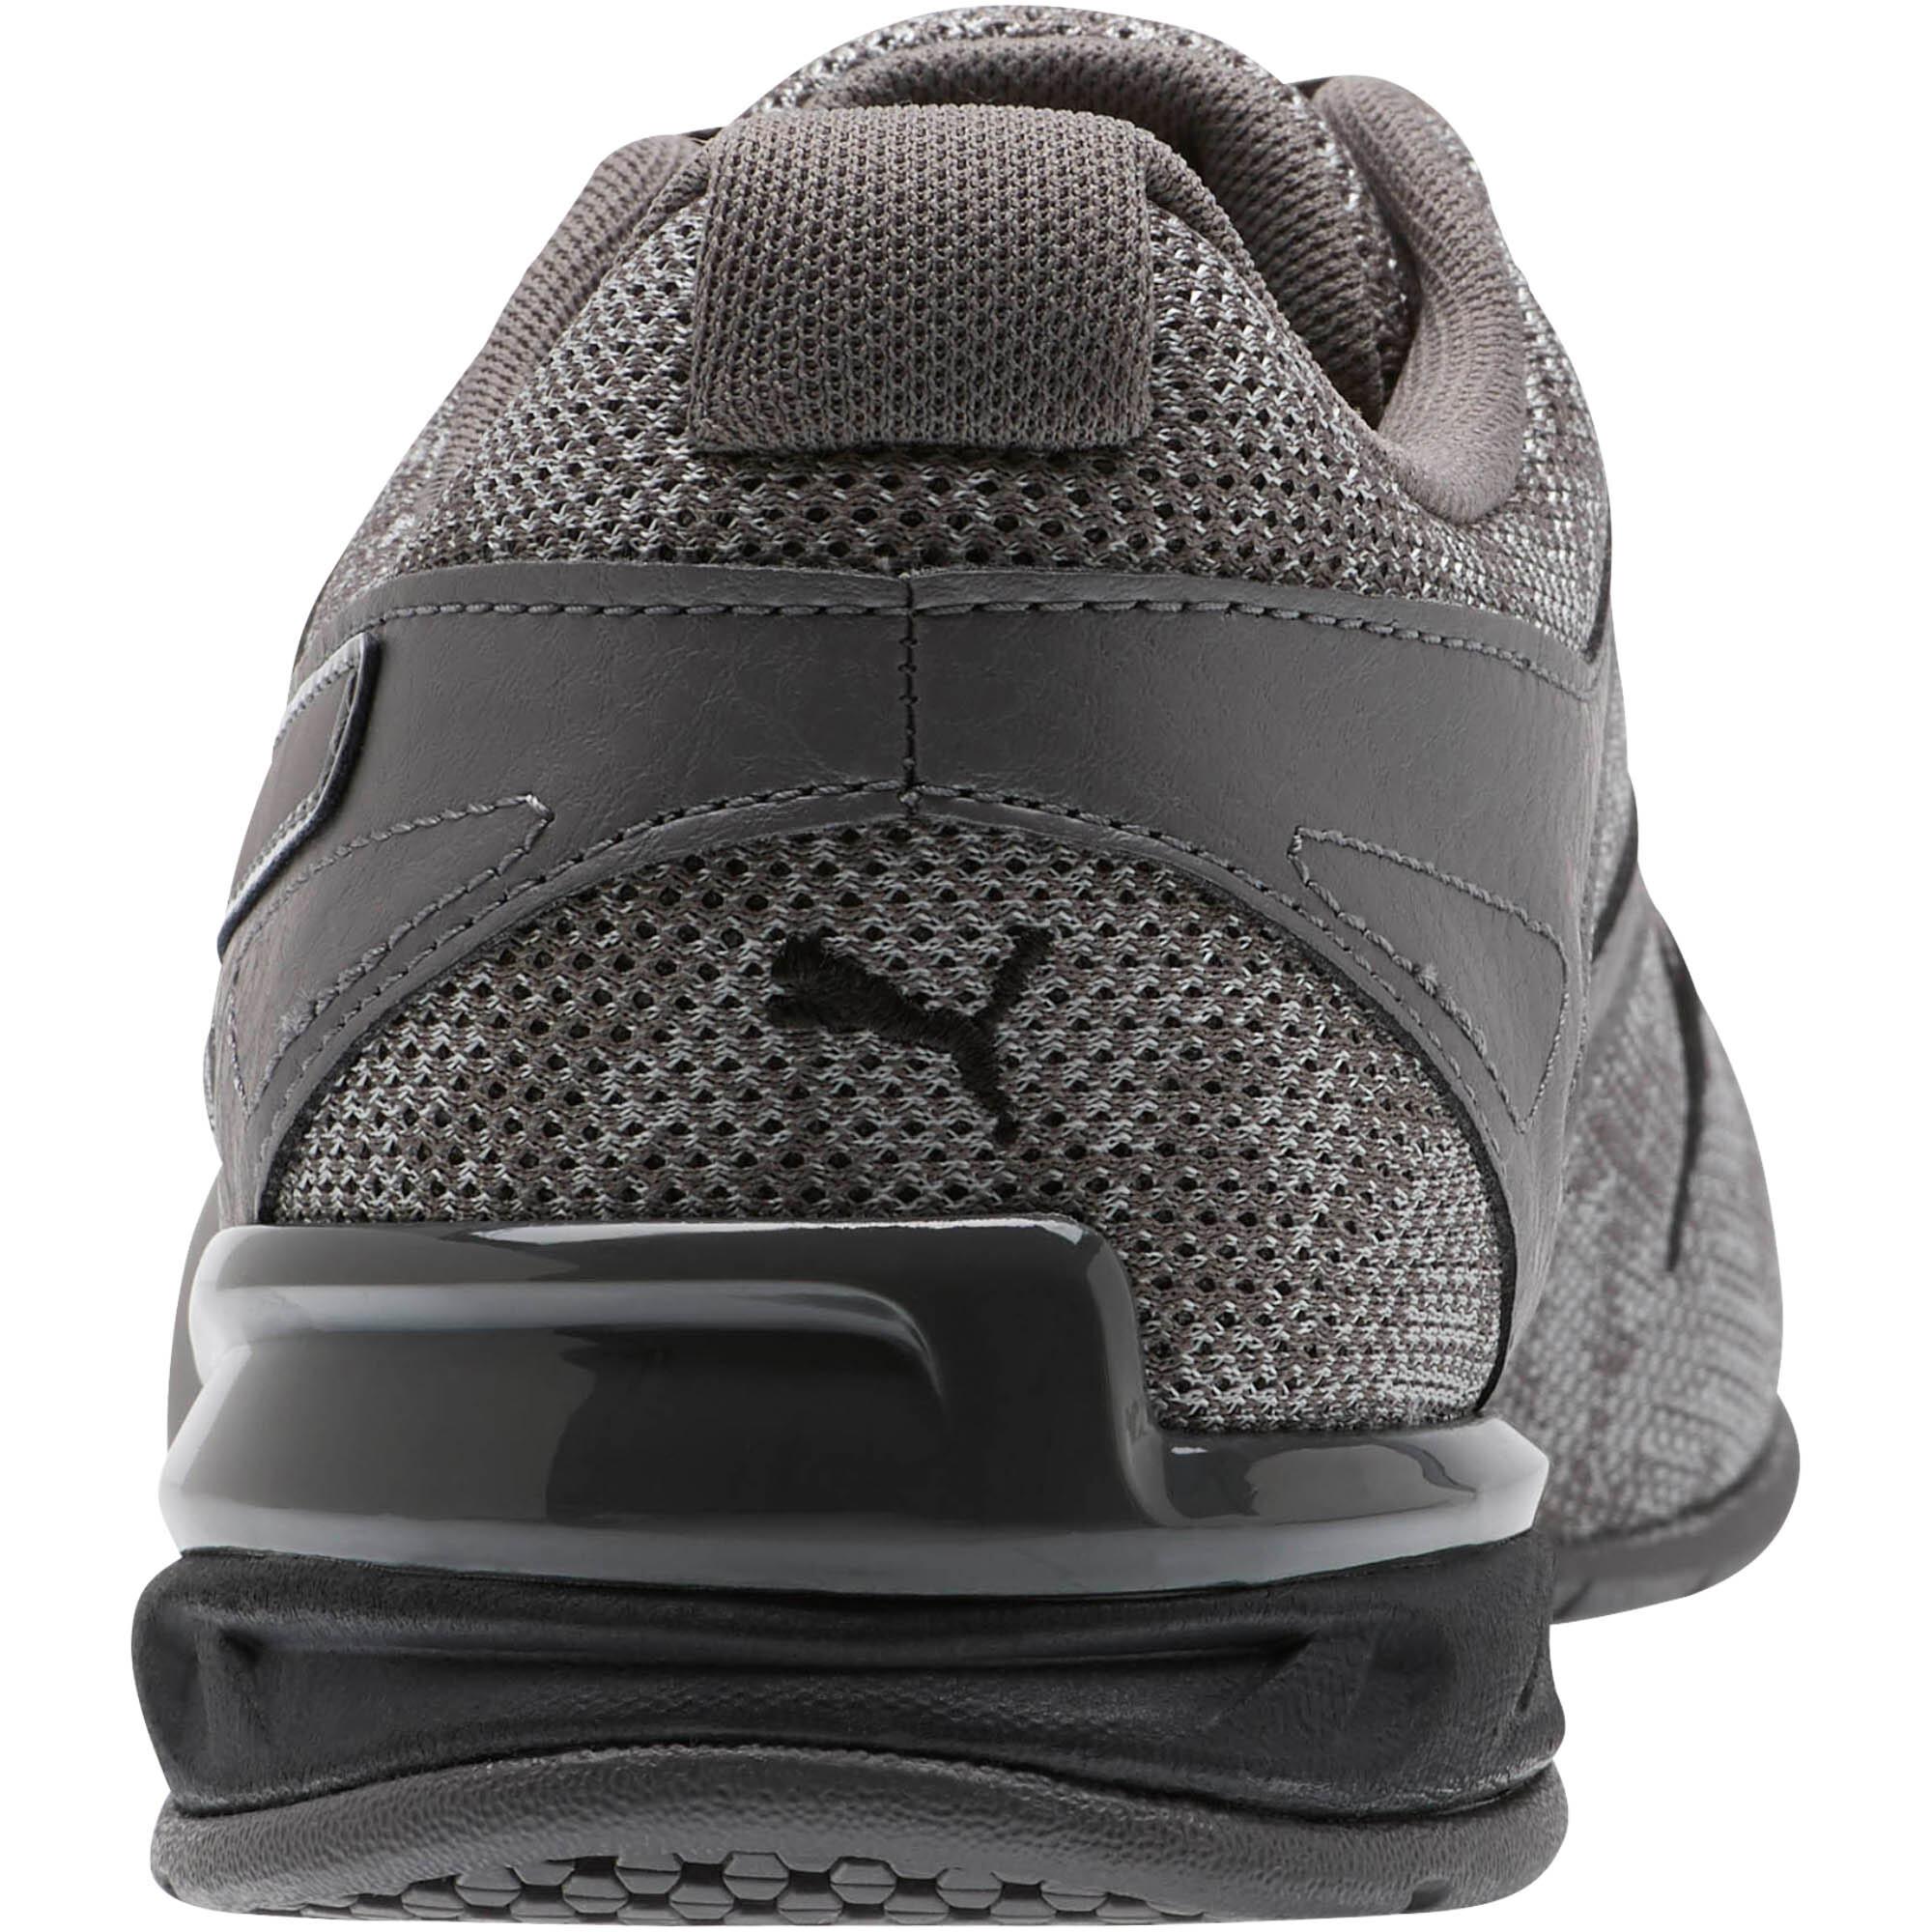 Puma-Tazon-6-Camo-Mesh-Scarpe-da-ginnastica-Uomo-scarpa-in-esecuzione miniatura 8